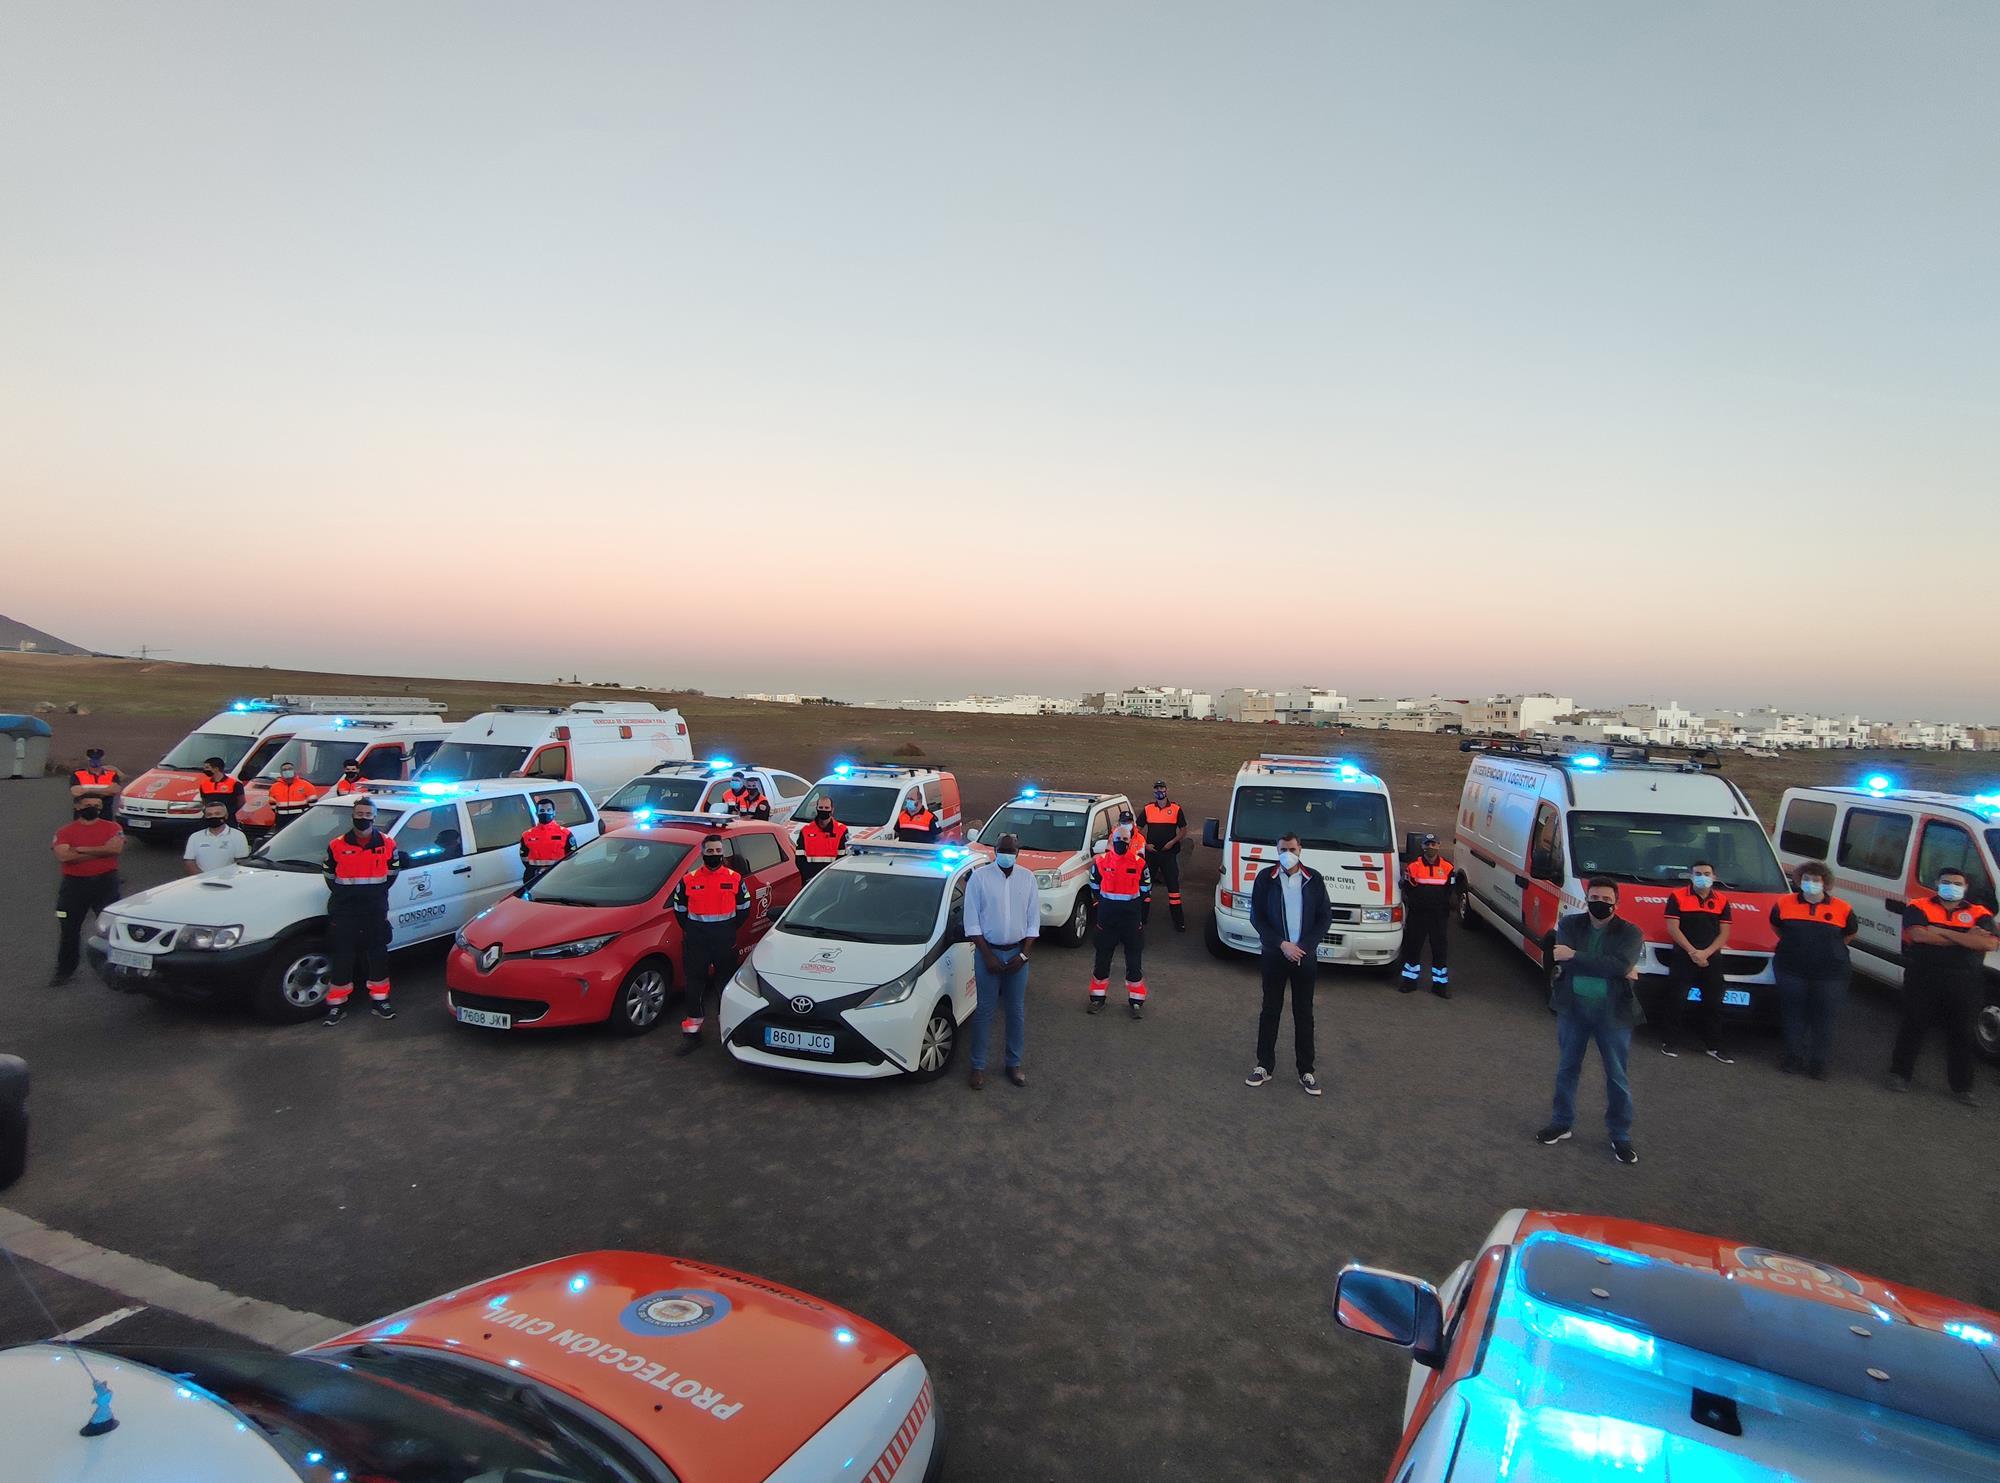 Vehículos de Protección Civil de Lanzarote con luminosos de color azul / CanariasNoticias.es